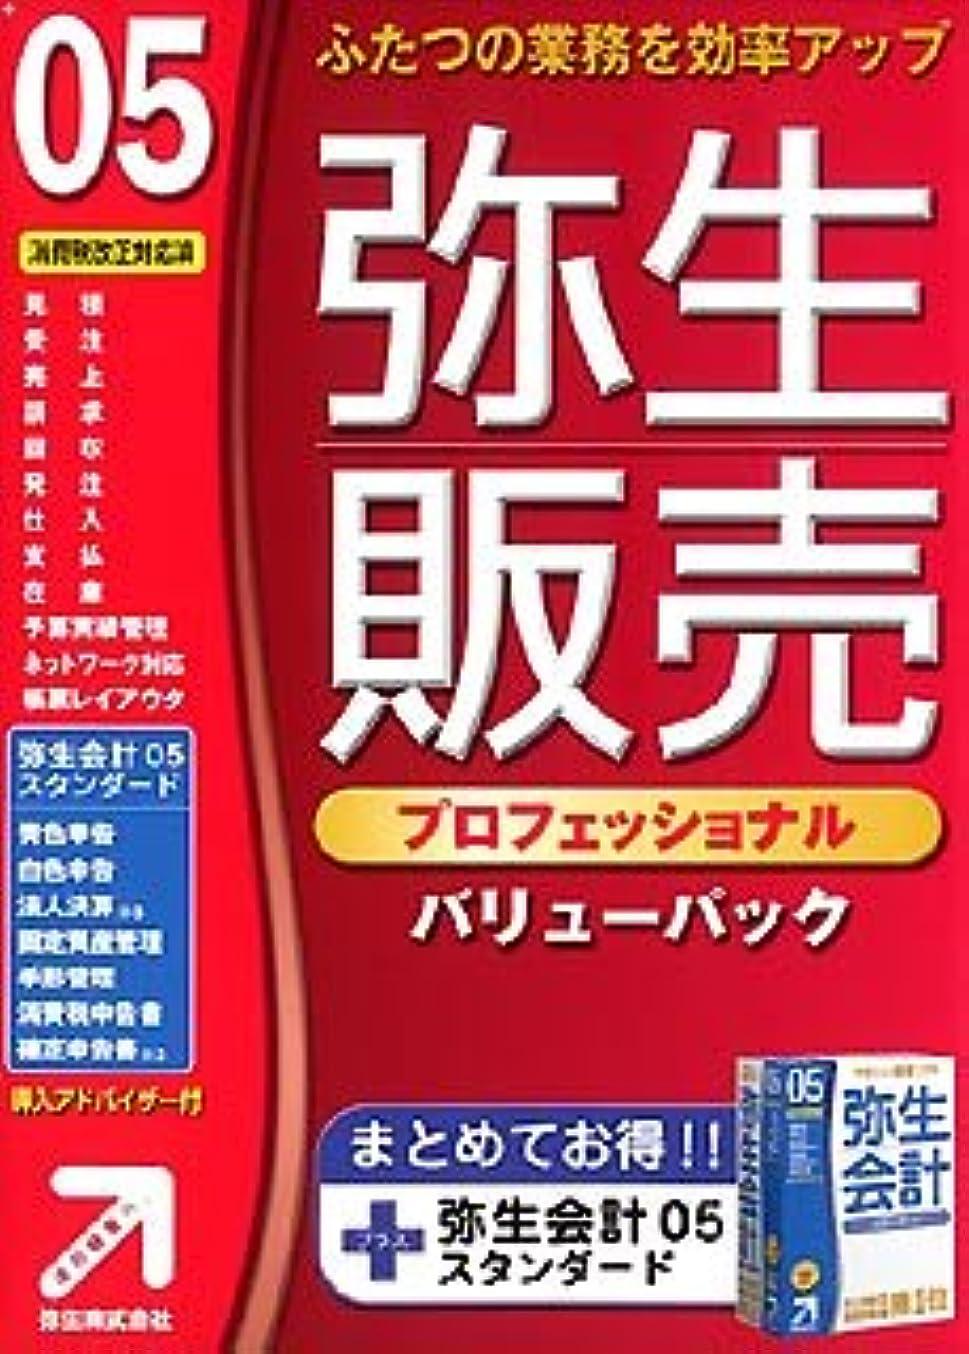 解説信頼性のある建設【旧商品】弥生販売 05 プロフェッショナル バリューパック